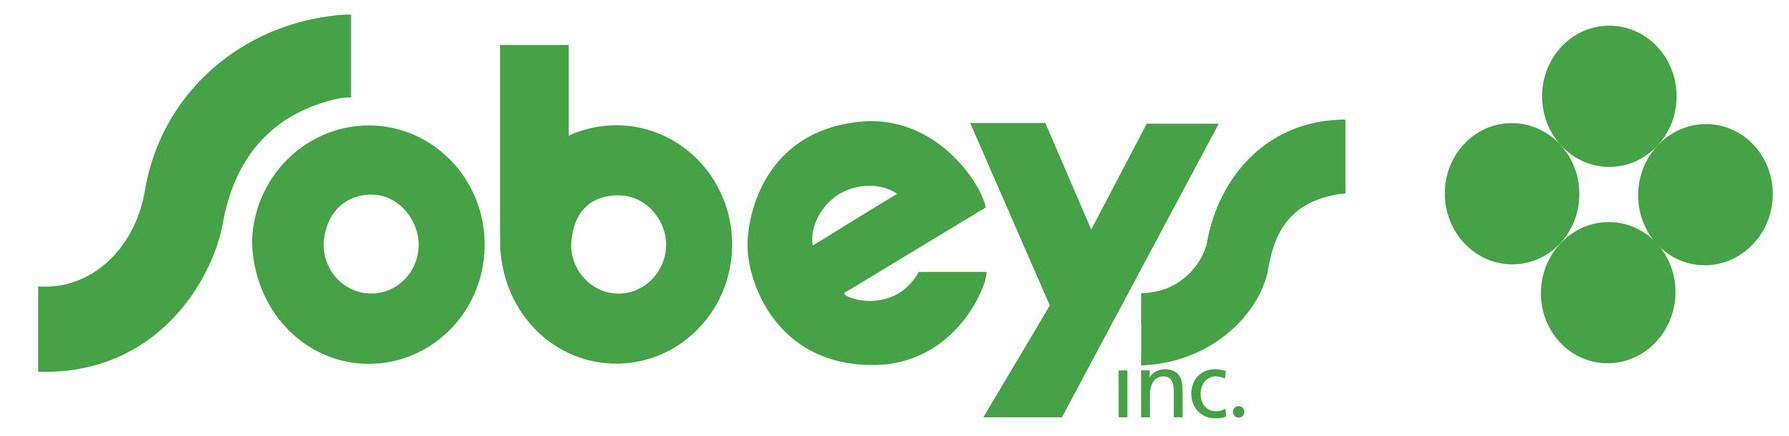 Sobeys logo cropped.jpeg